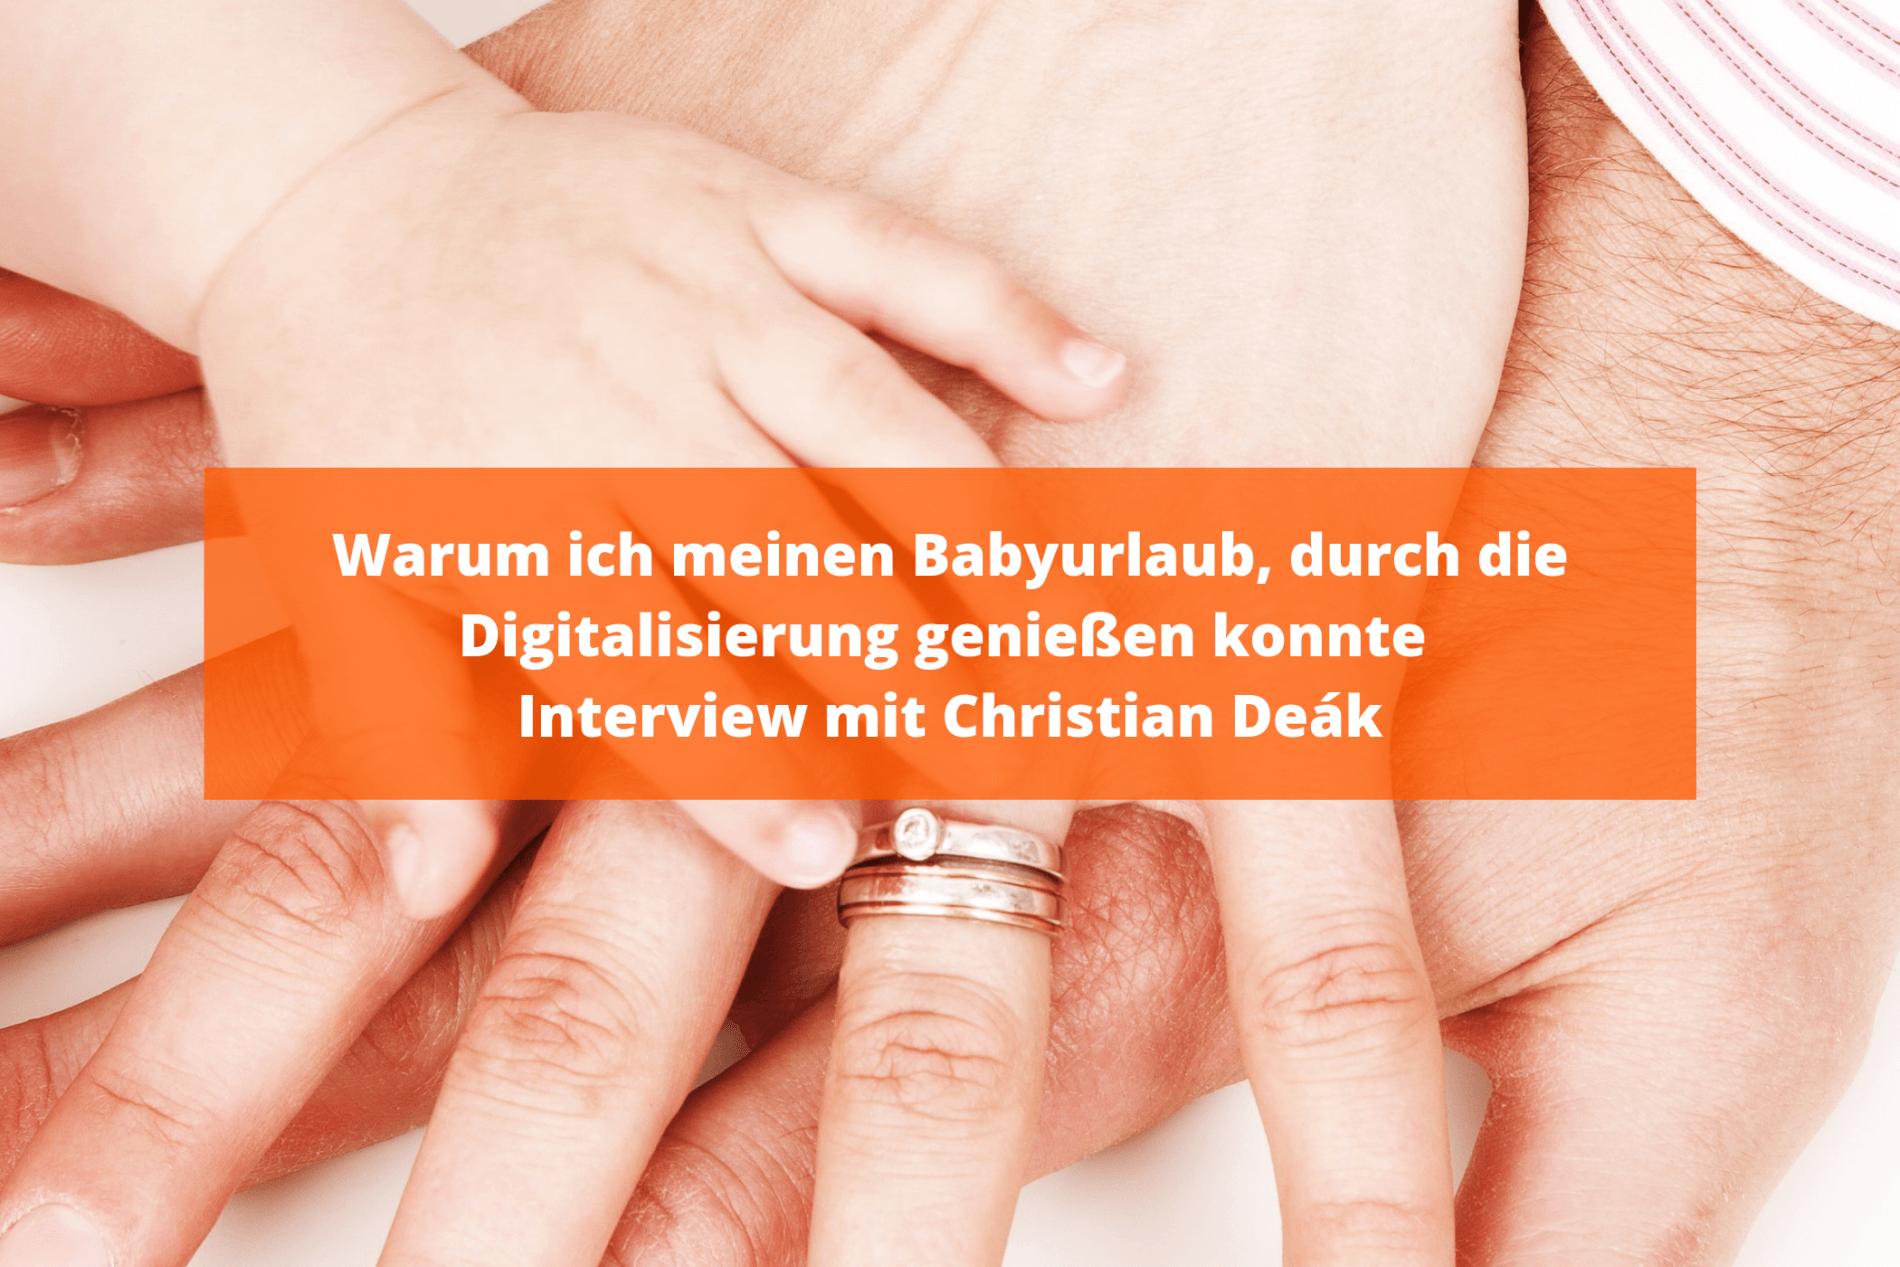 Warum ich meinen Babyurlaub, durch die Digitalisierung genießen konnte - Interview mit Christian Deák